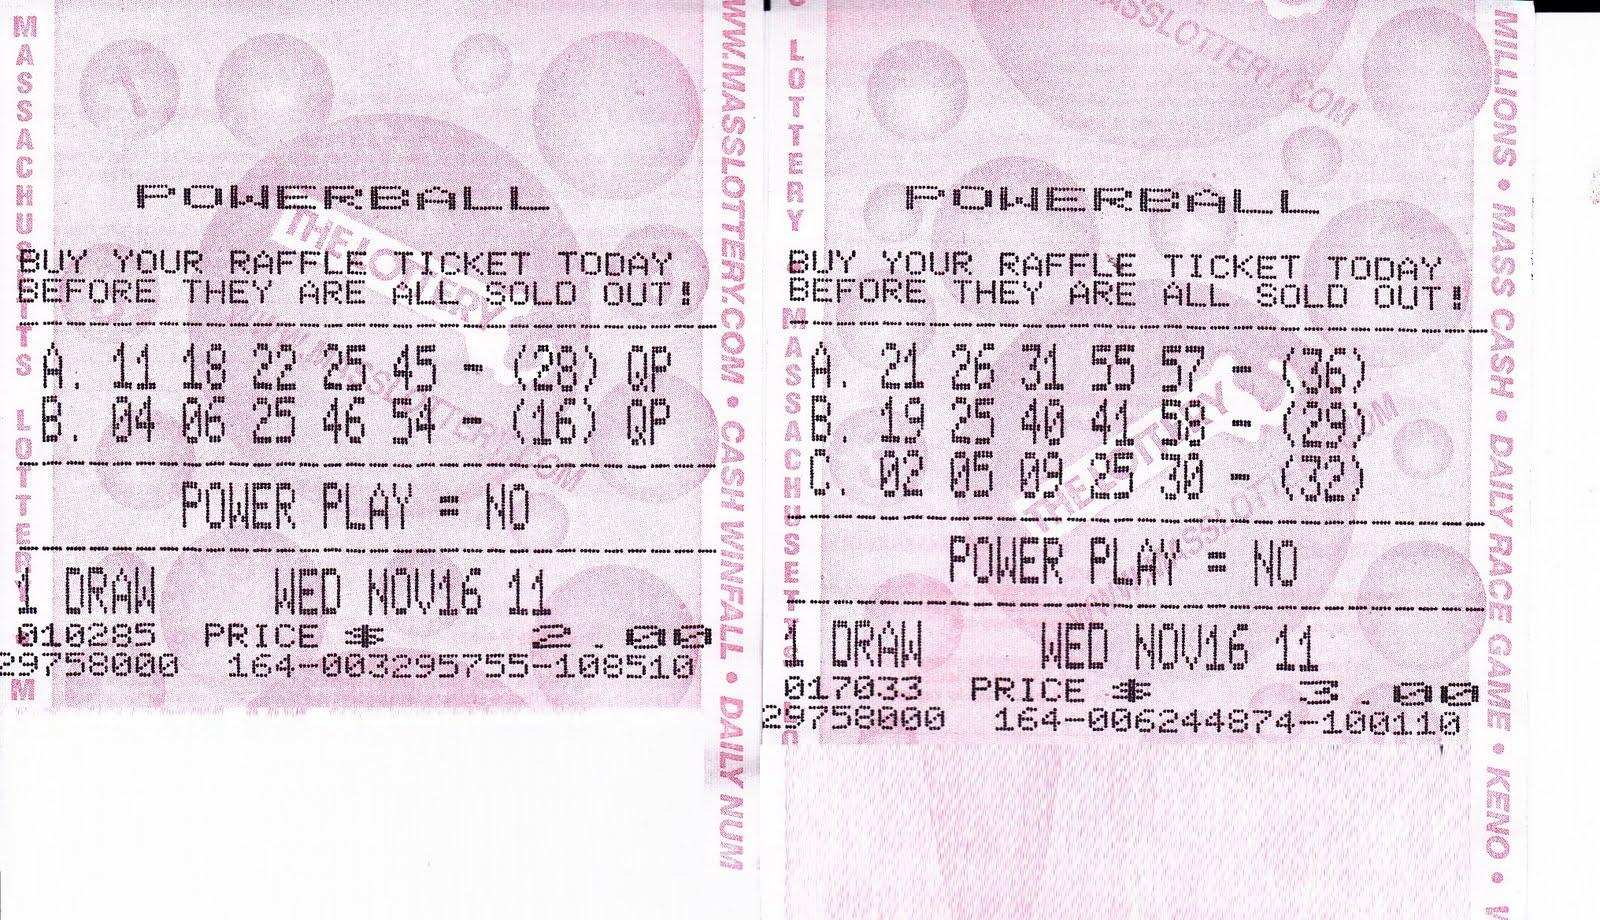 Bingo Lottery Tickets